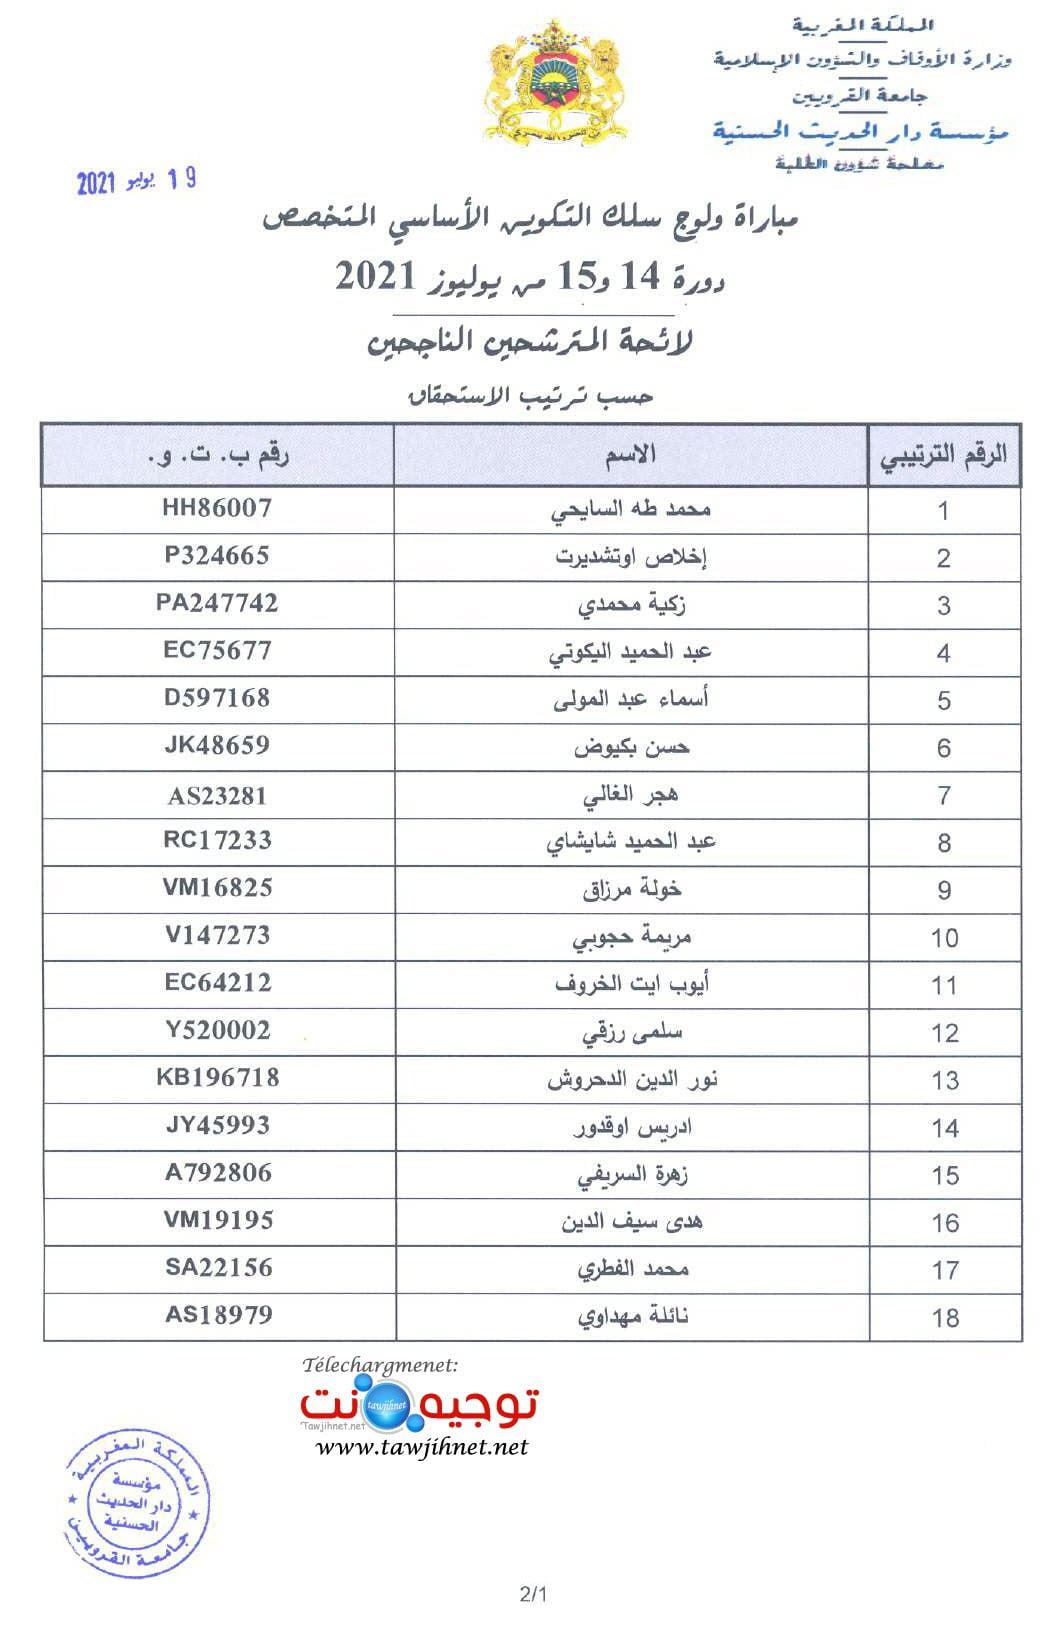 Résultats Concours Dar El Hadith El Hassania 2021 2022